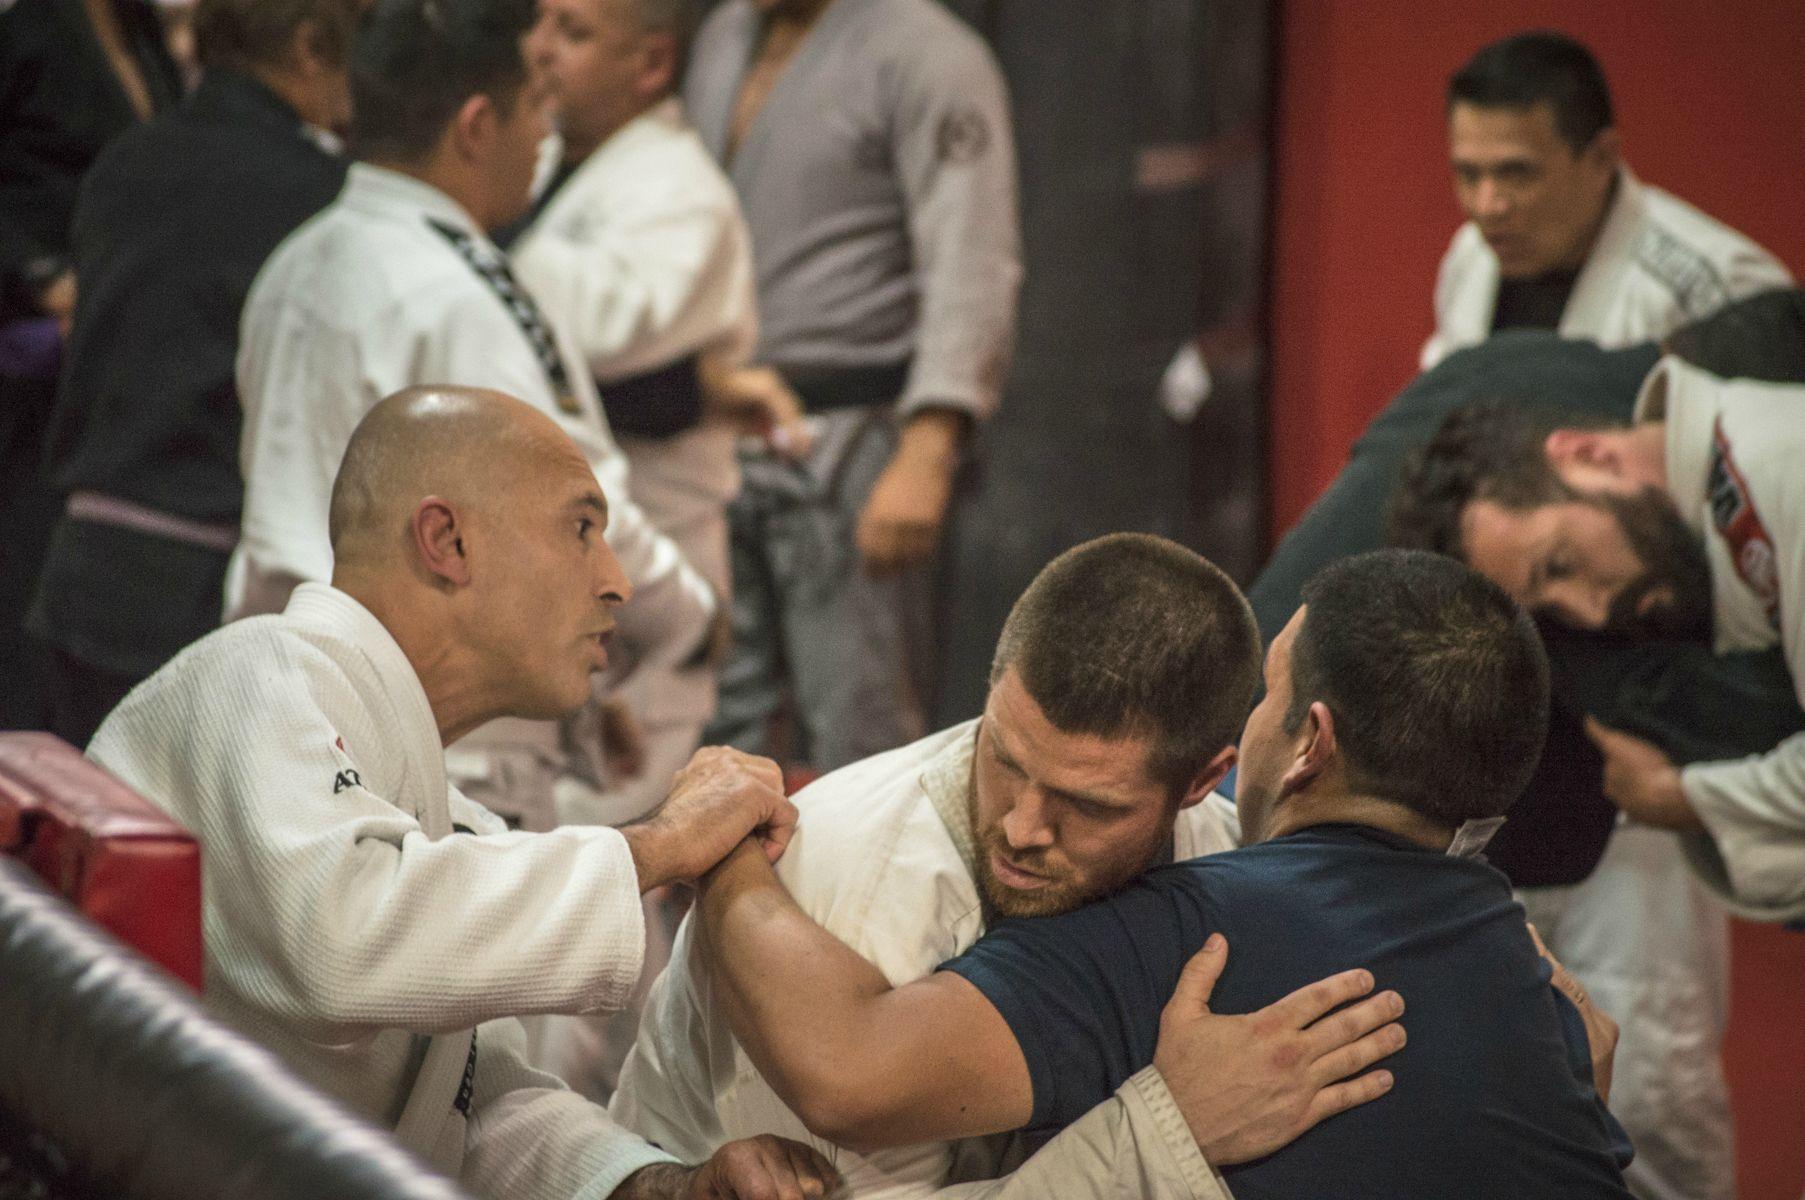 UFC Brazilian Jiu Jitsu Fighter Royce Gracie at Millennia MMA Gym in Rancho Cucamonga California